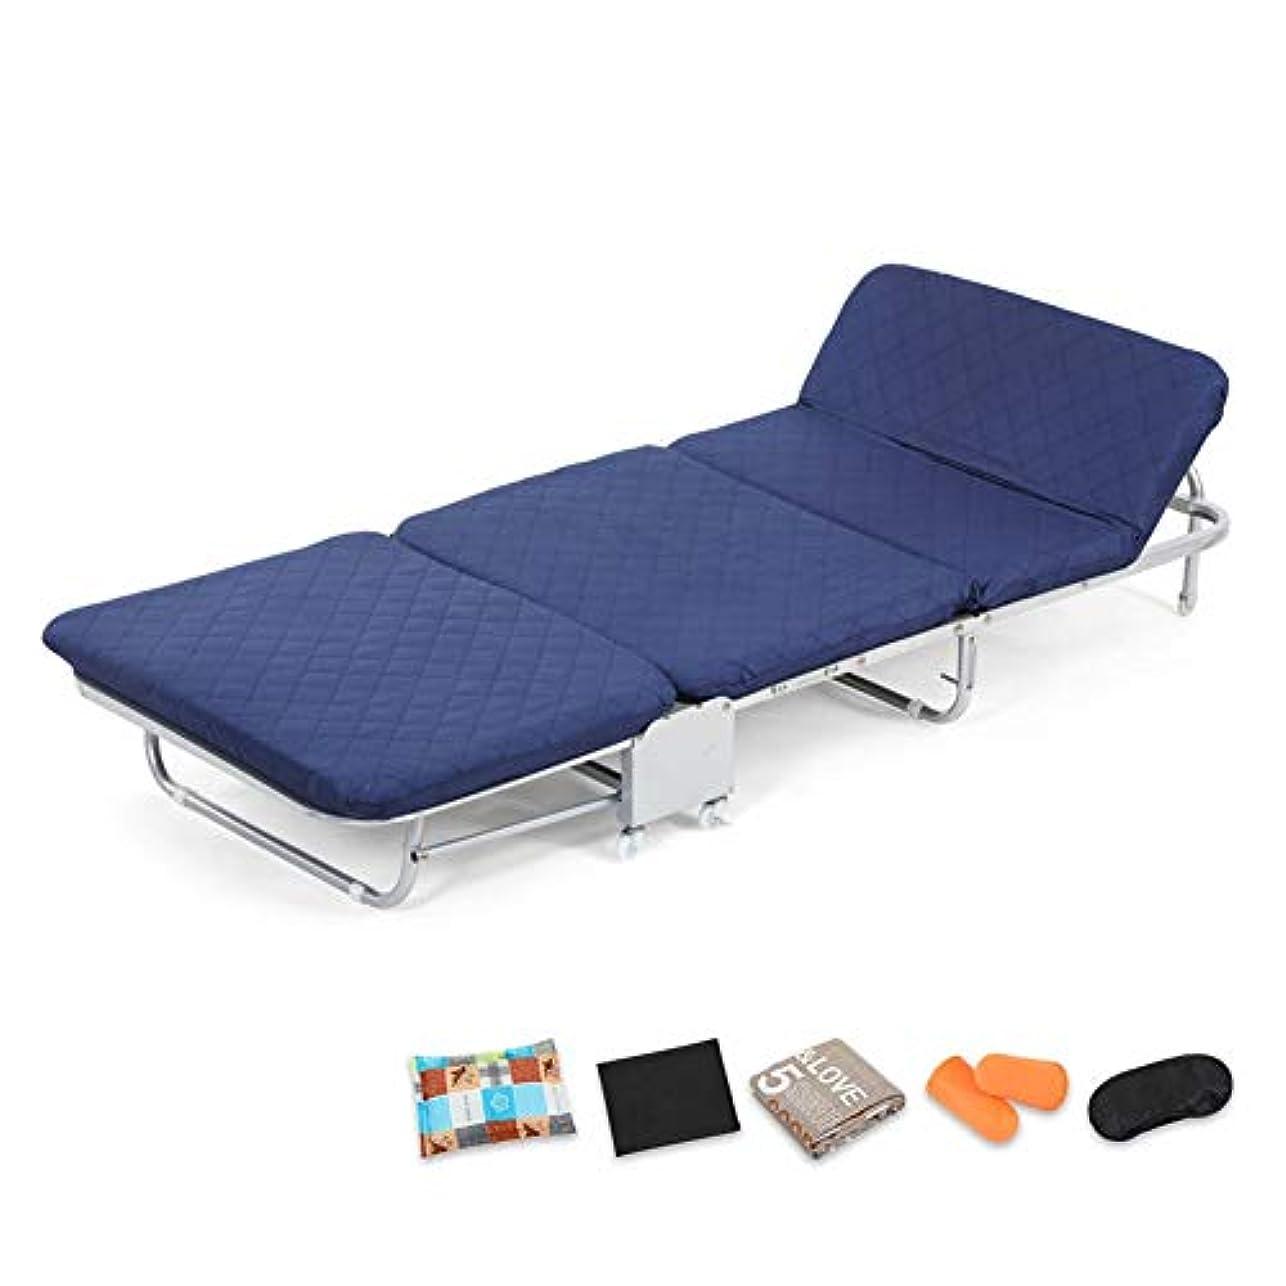 エネルギー石灰岩醸造所マットレス付きシングル折りたたみベッド、調節可能な背もたれ付き折りたたみ式ラウンジチェア、自宅用無料枕(ブルー) (サイズ さいず : 90x180x26CM)